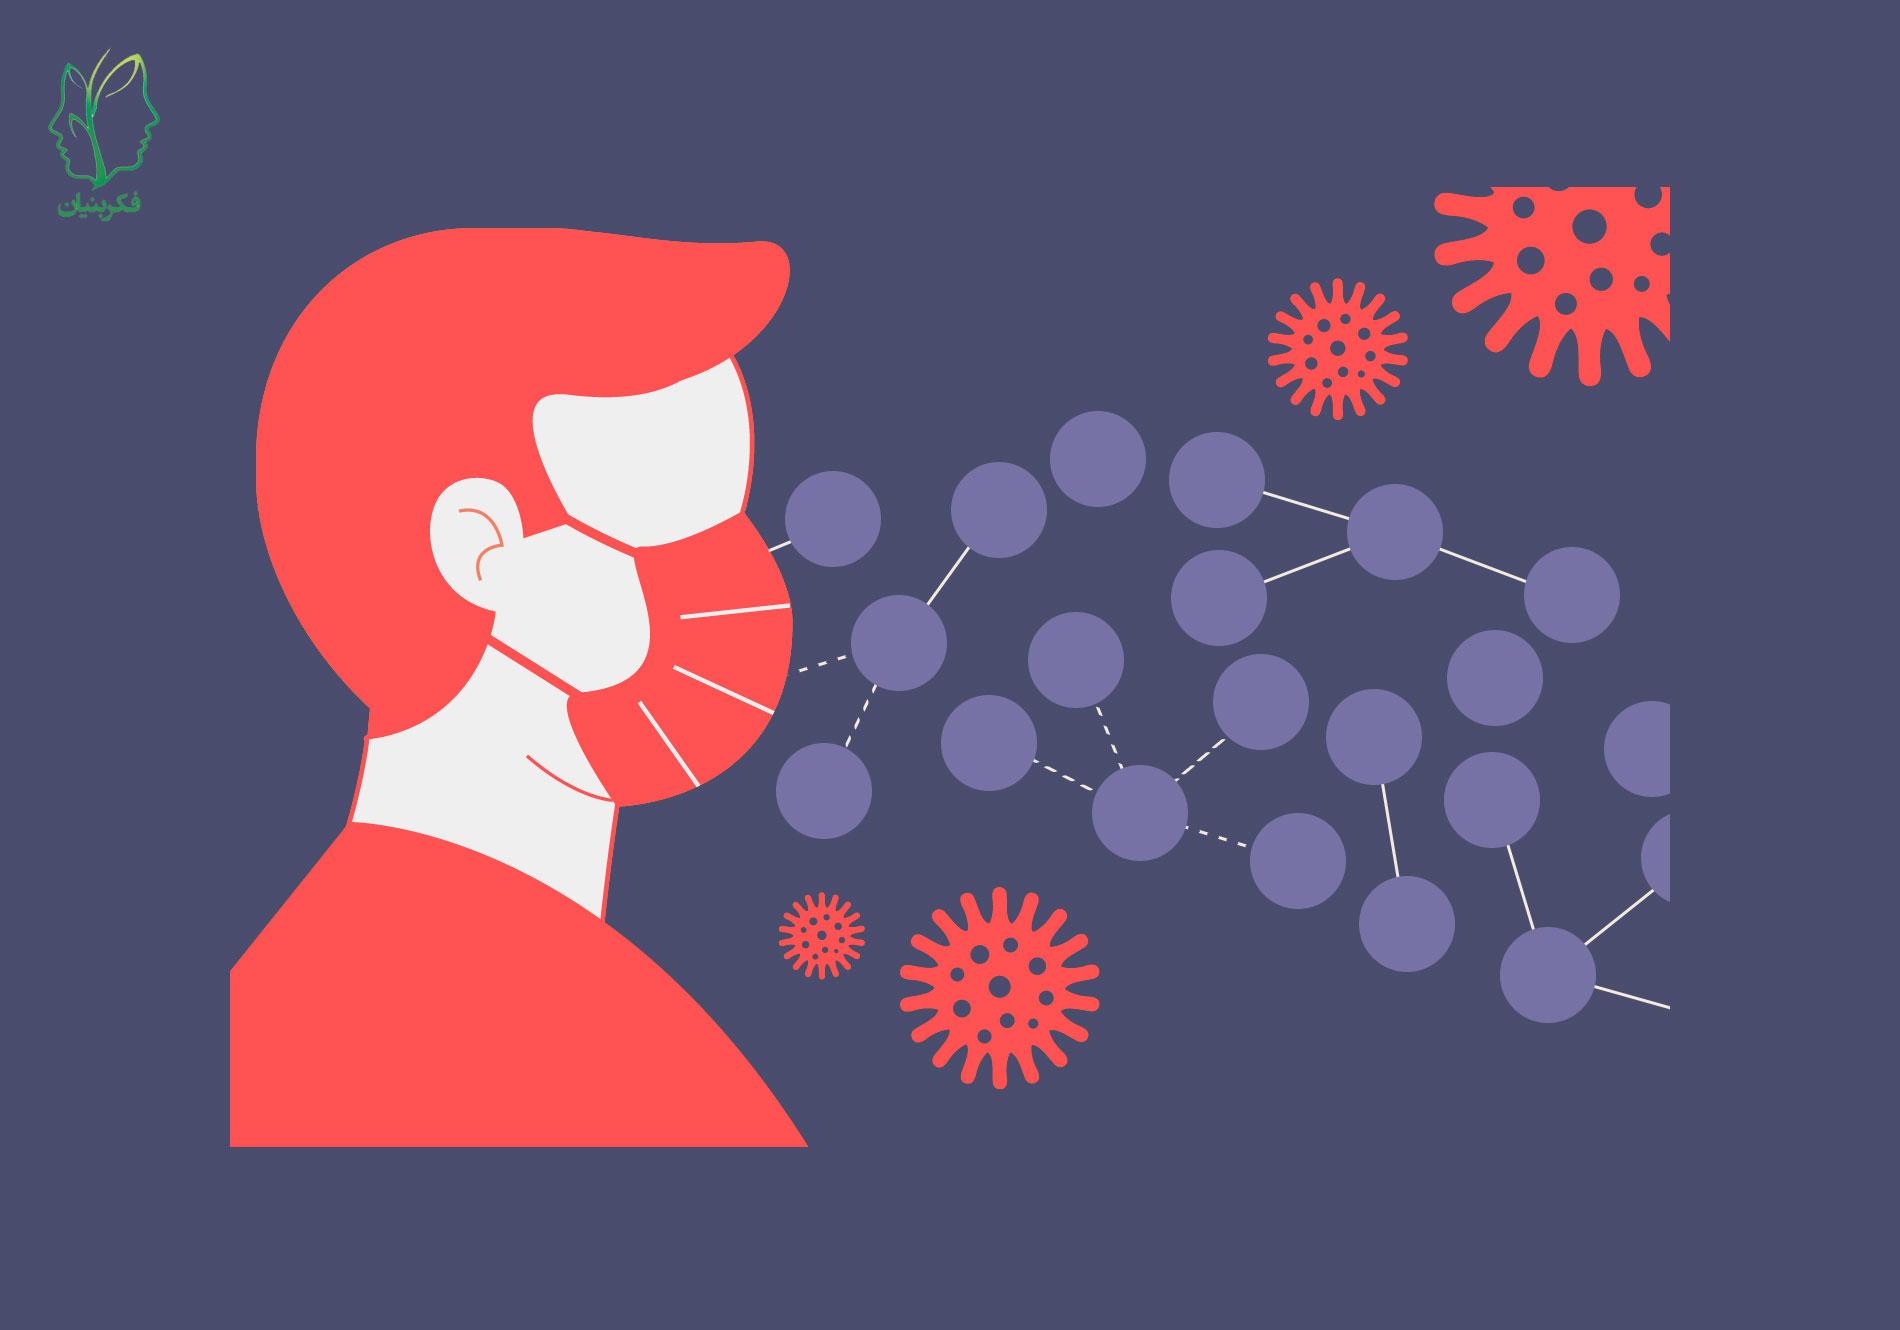 مدیریت اضطراب و نگرانی در روزهای مقابله با کرونا